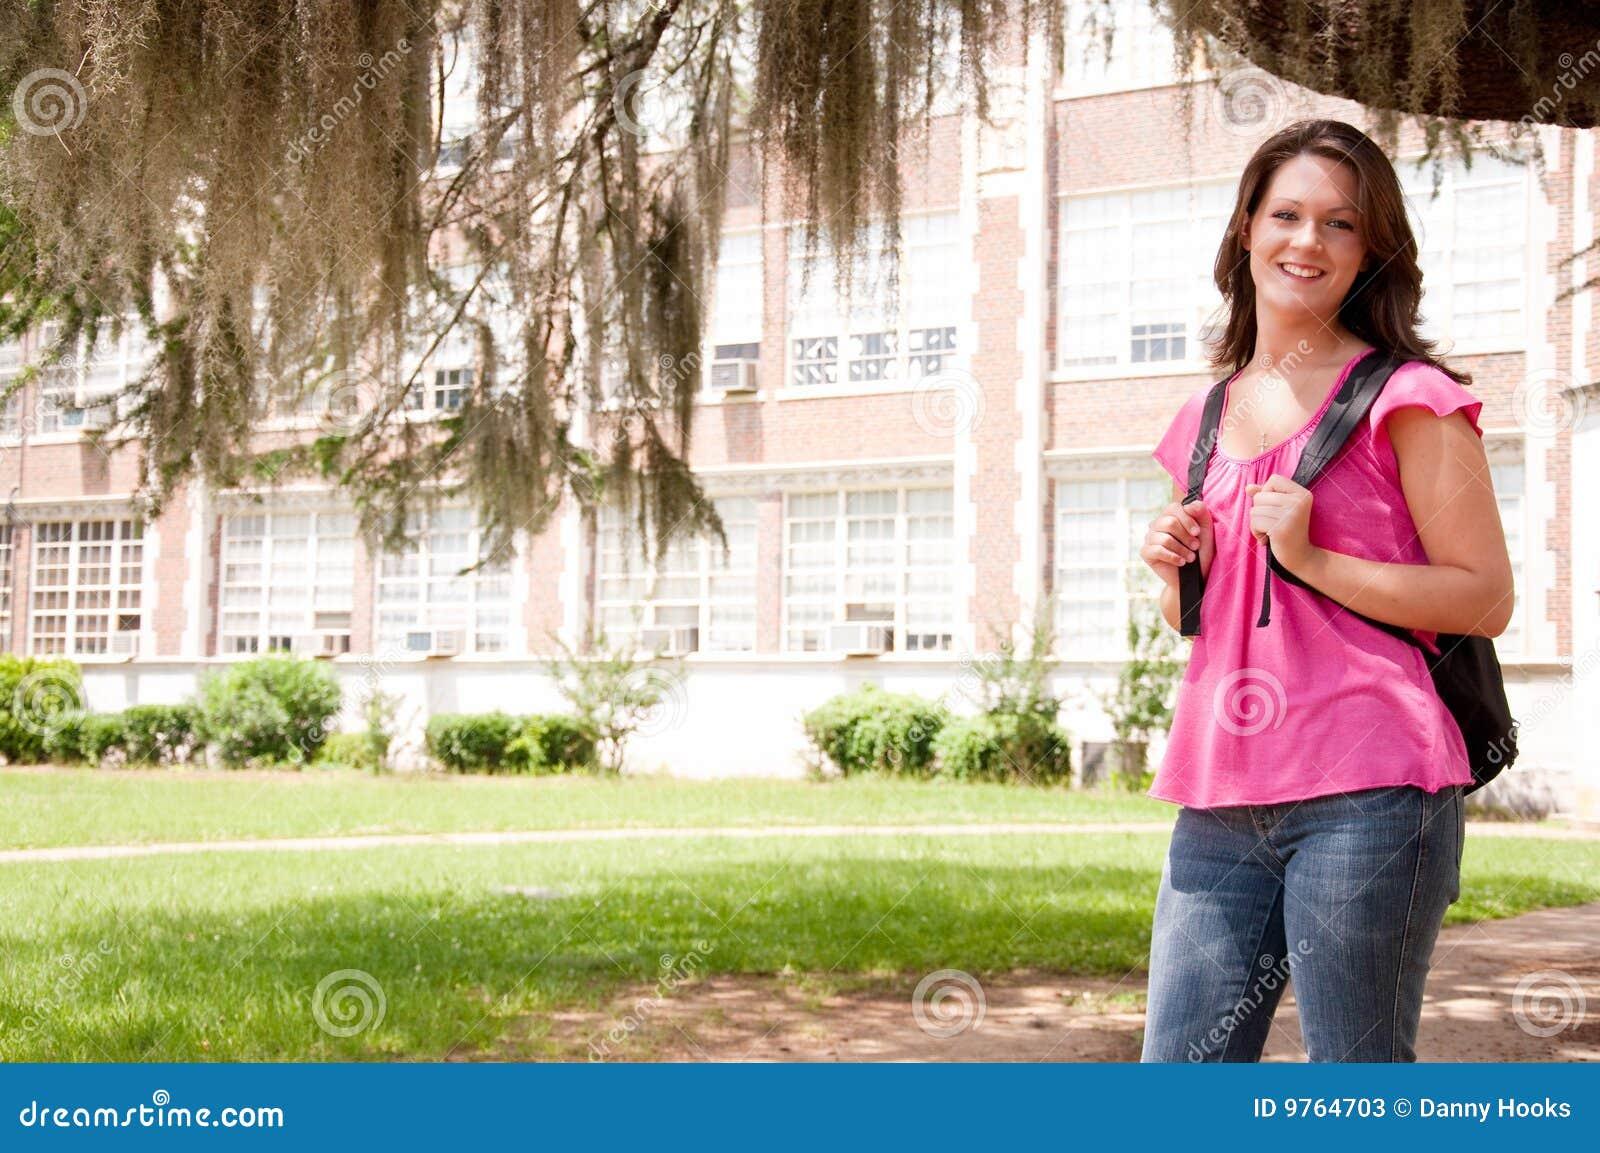 Студенточки в колледже 12 фотография